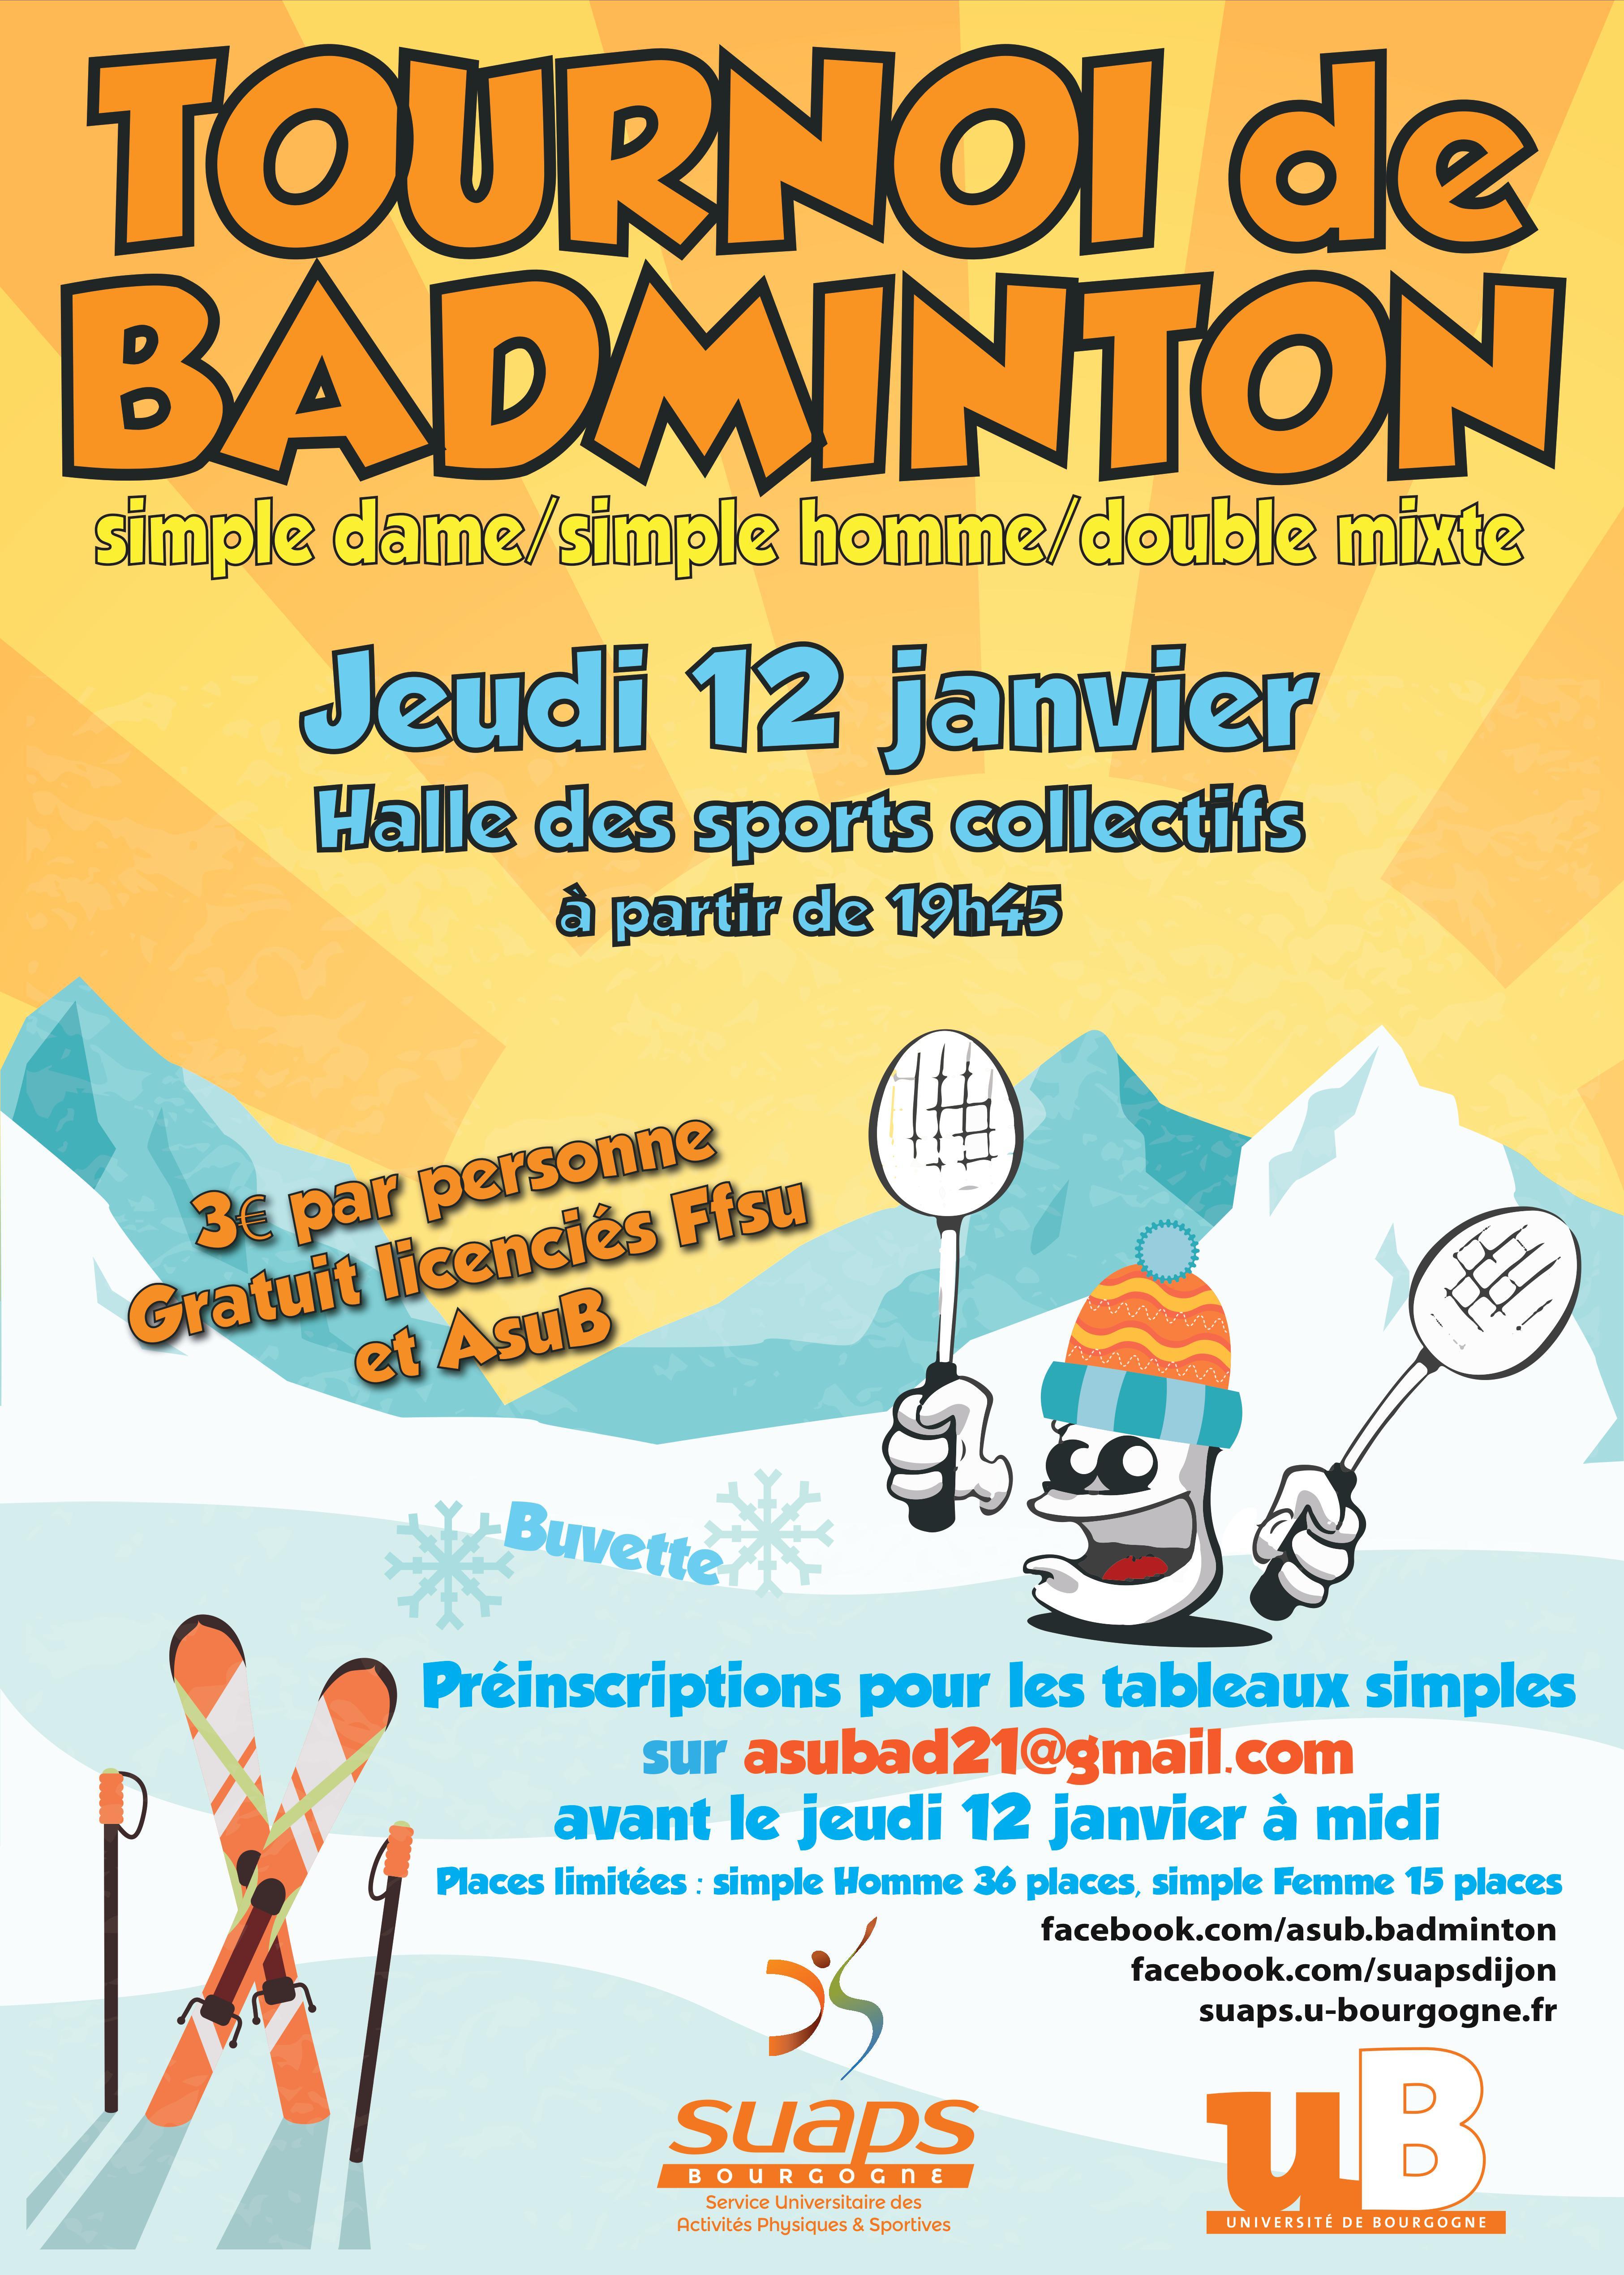 Tournoi de Badminton – SUAPS Bourgogne a2e4908f889